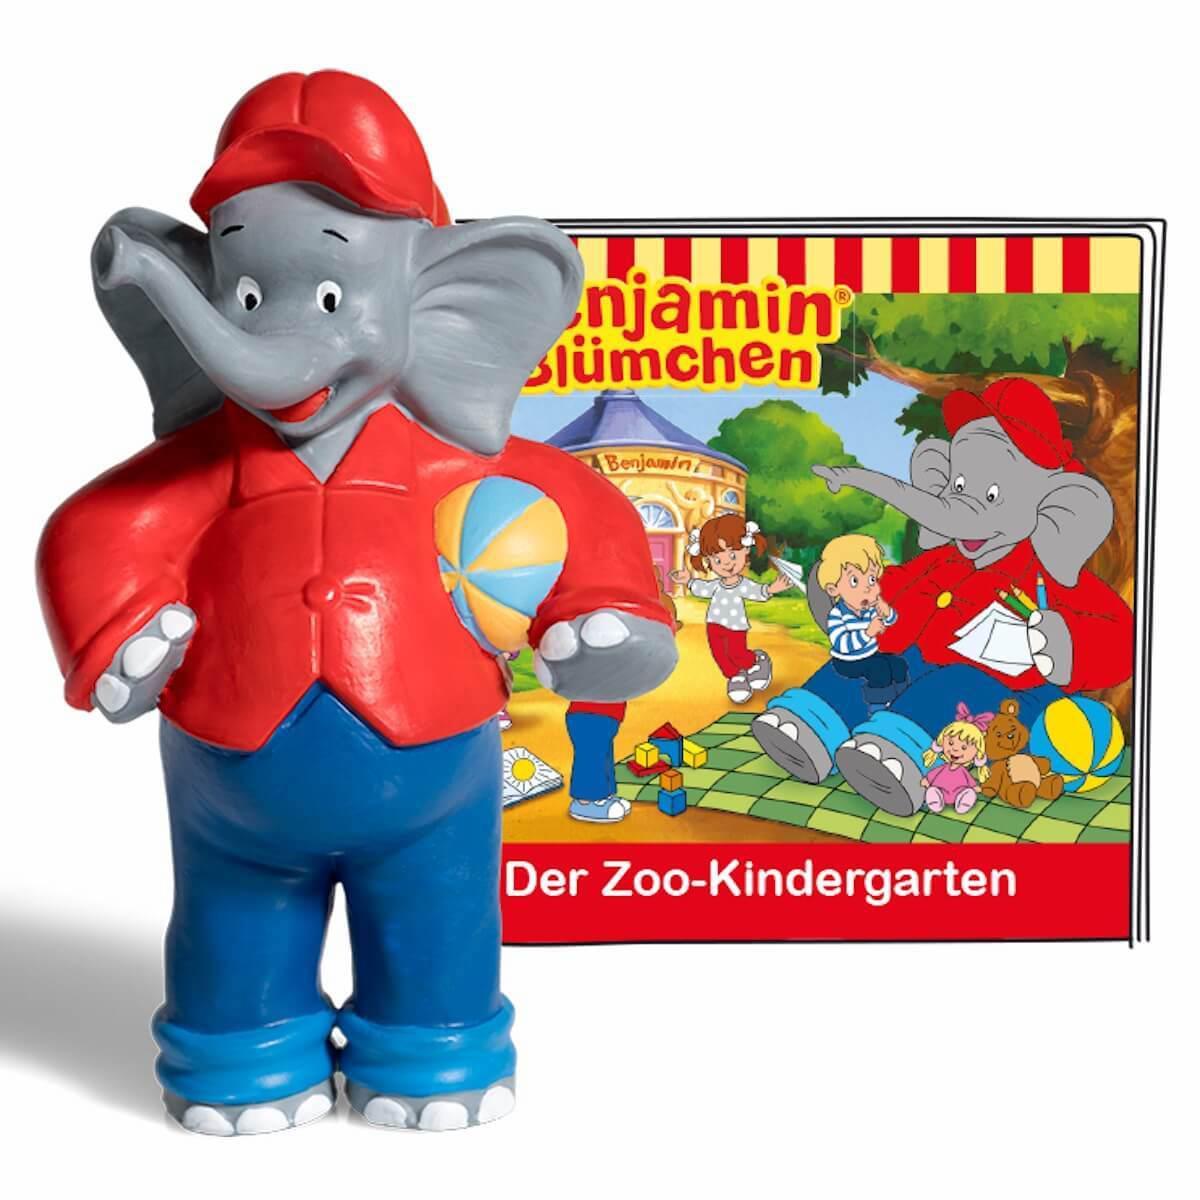 Hörspielfigur TONIES Benjamin Blümchen Zookindergarten